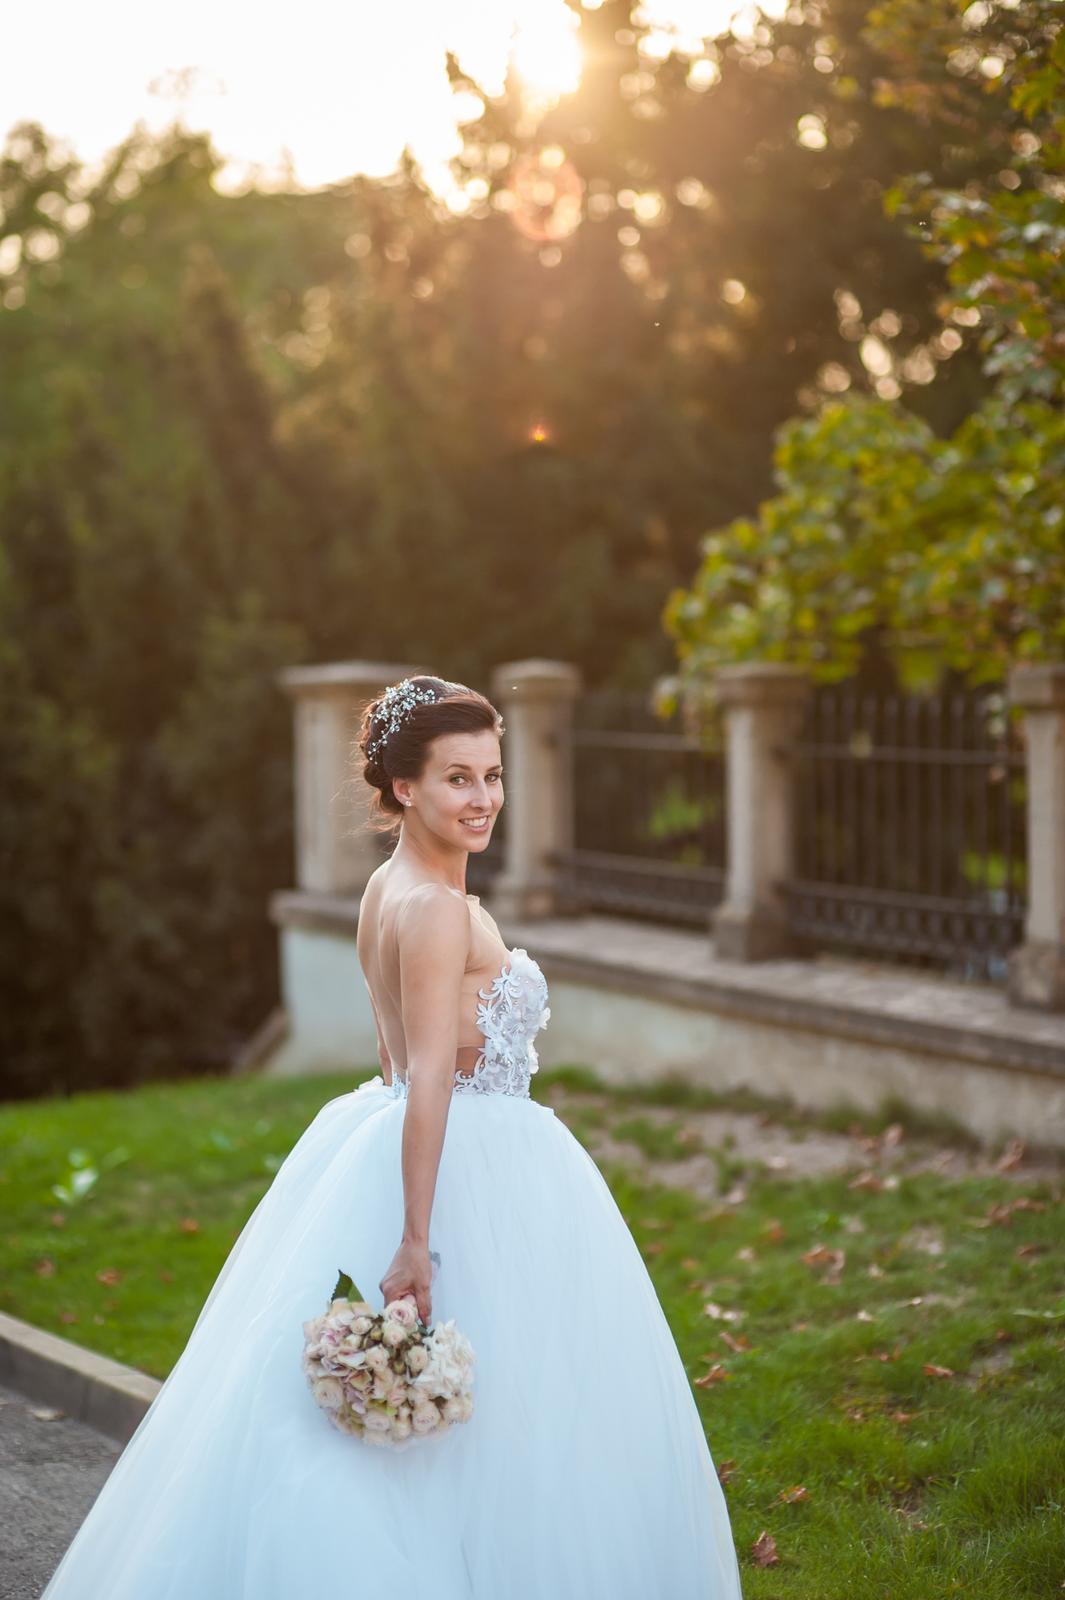 Wedding ♥ - Obrázek č. 94